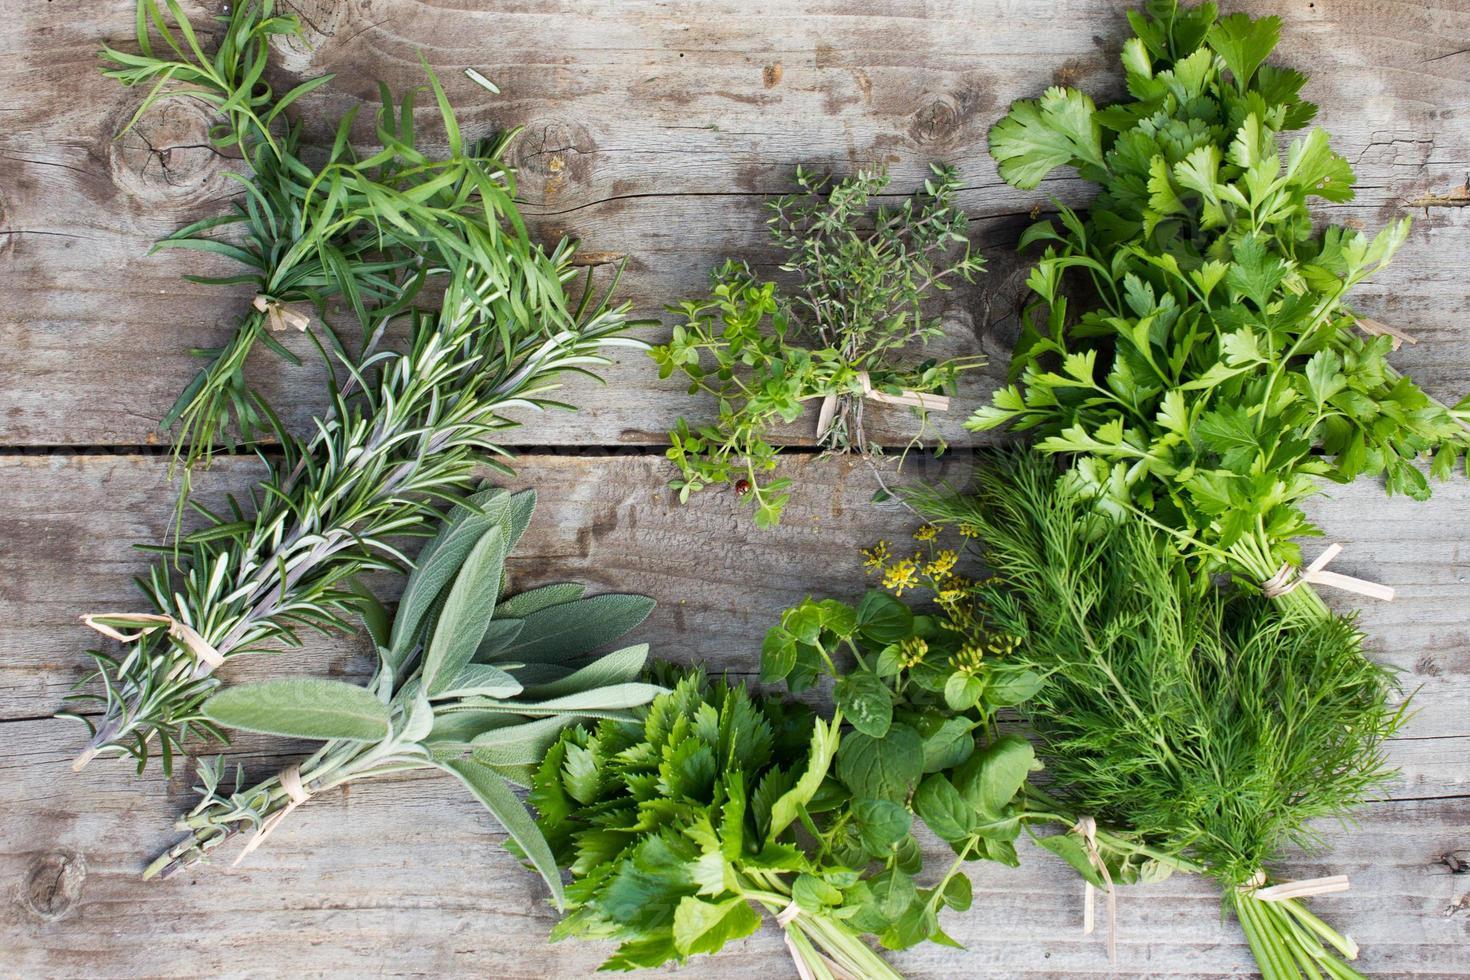 hierbas verdes frescas foto